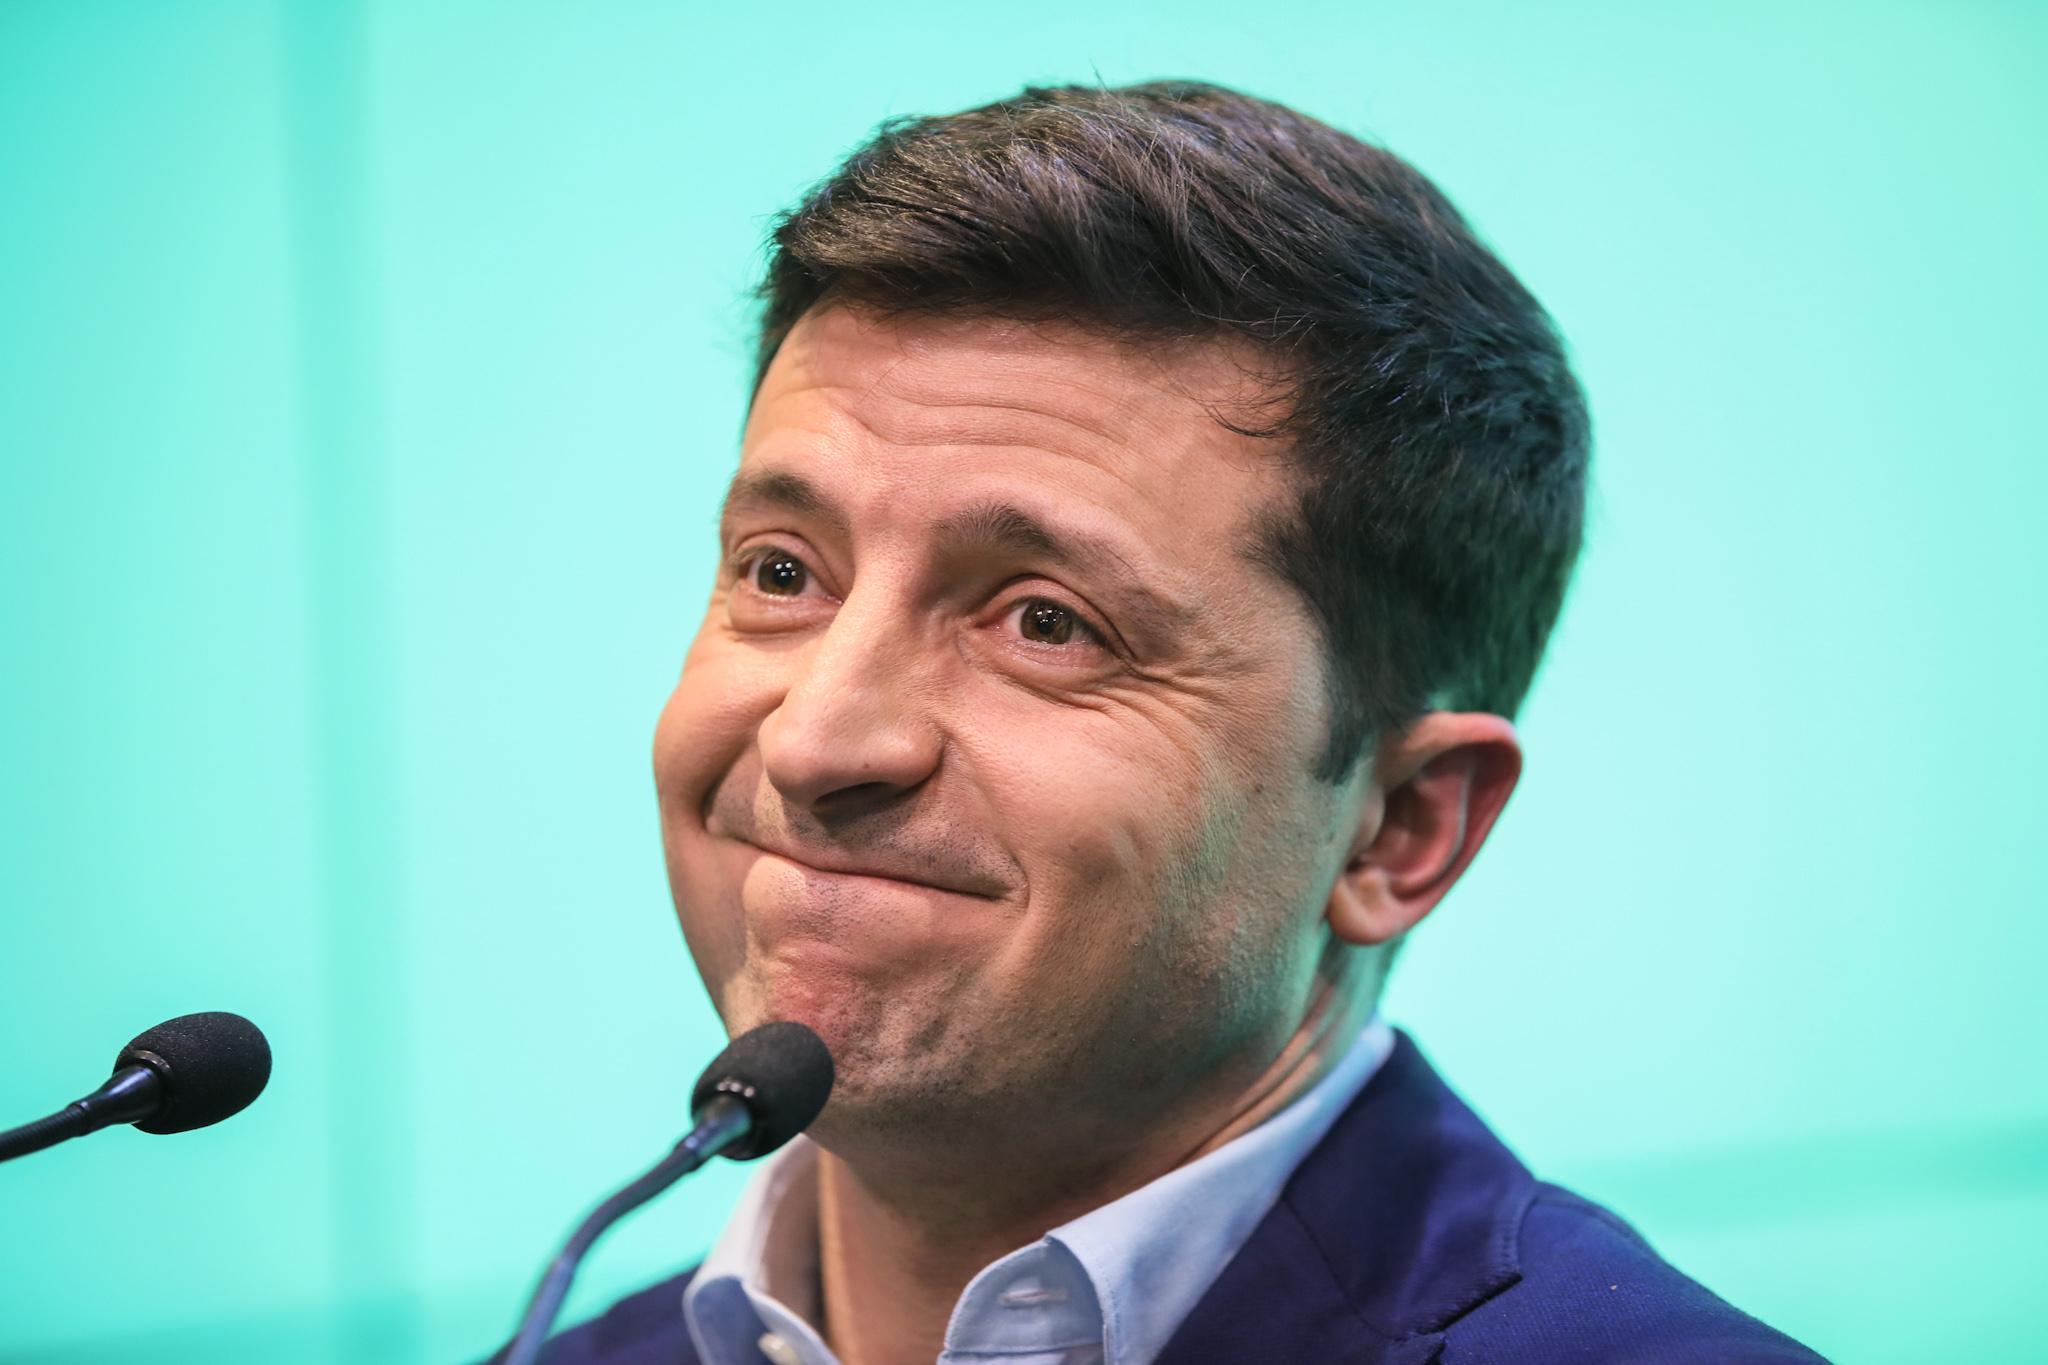 Зеленскому предложили выкупить Крым в рассрочку